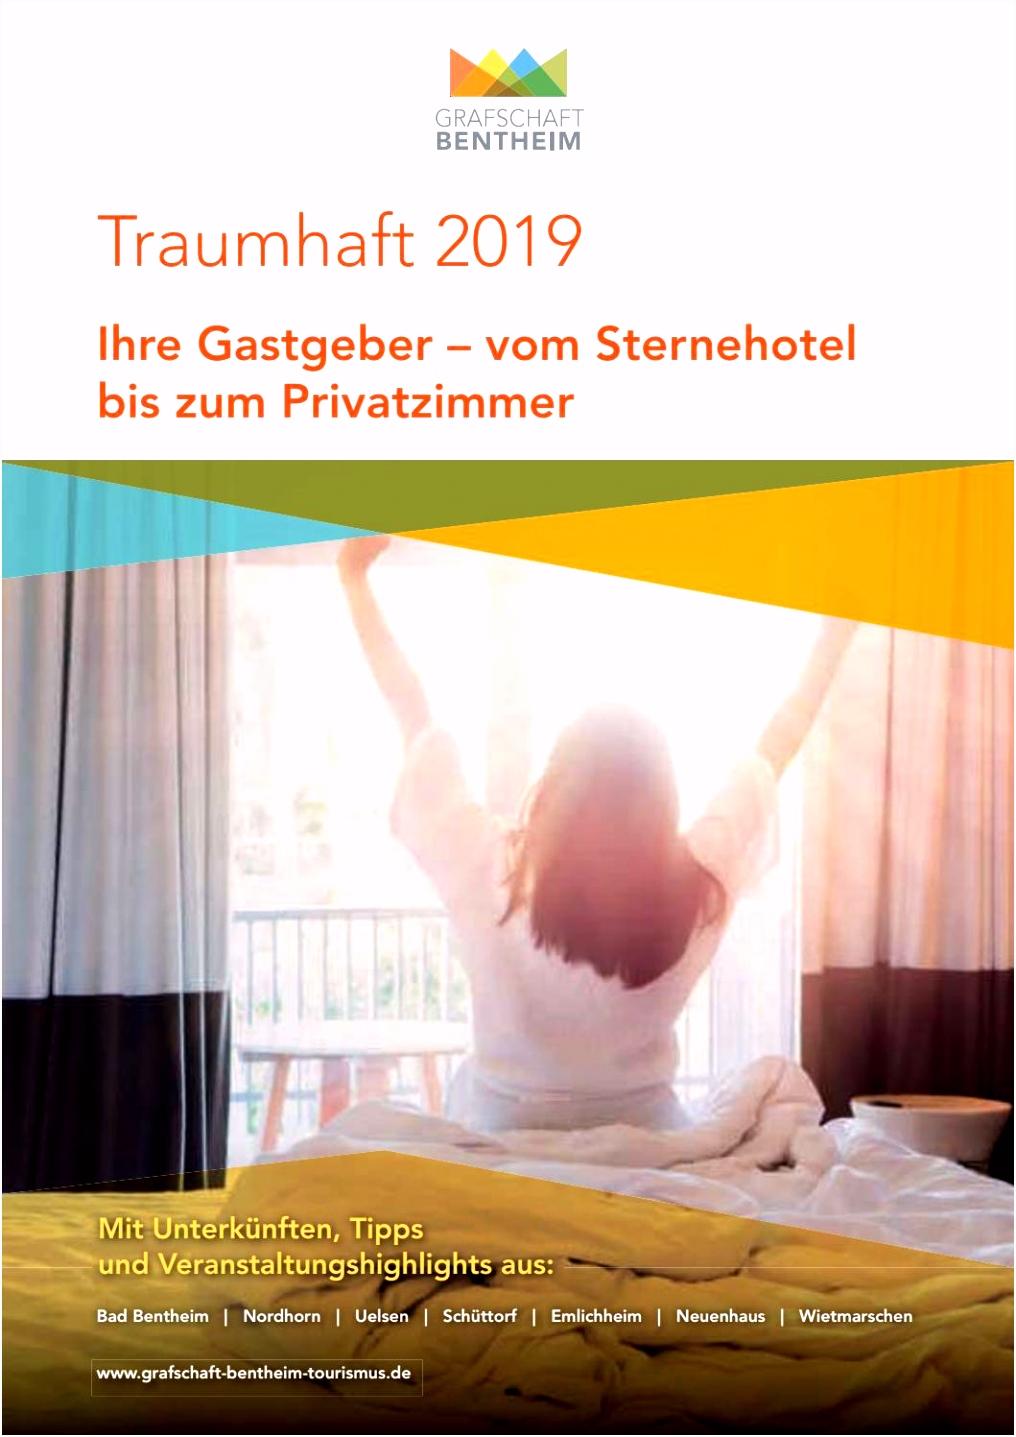 Gastgeberverzeichnis 2019 der Grafschaft Bentheim by Grafschaft